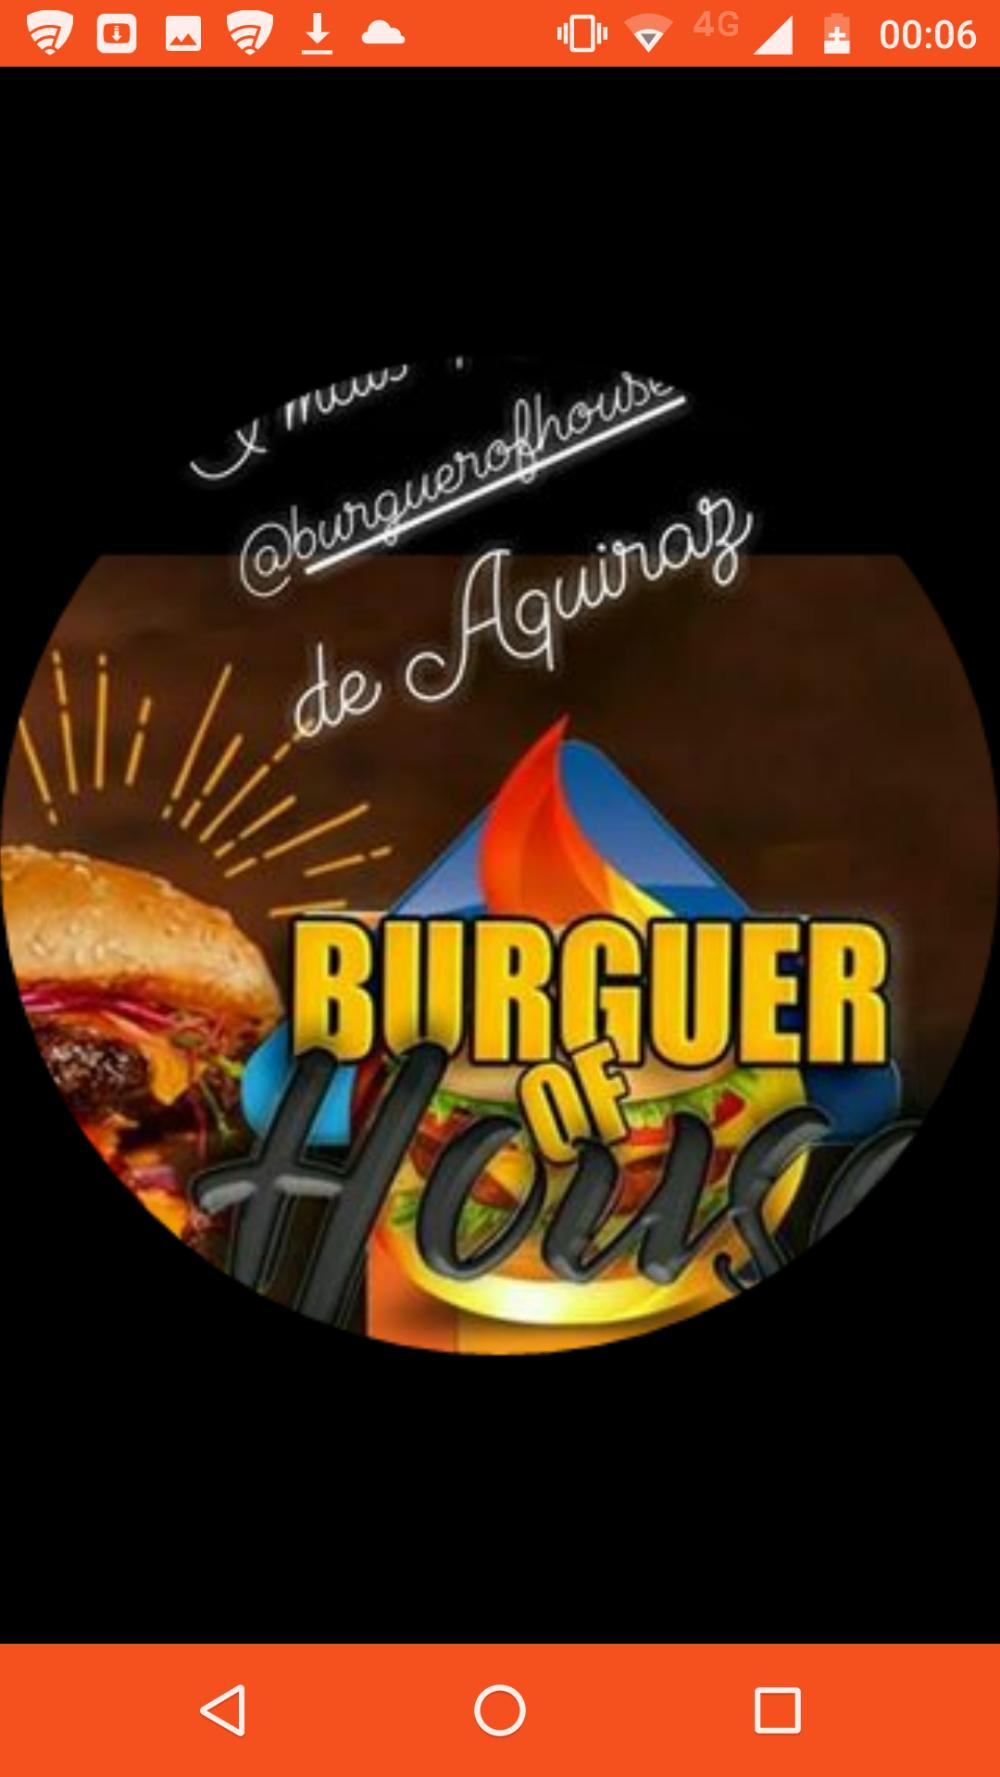 Burguerofhouse